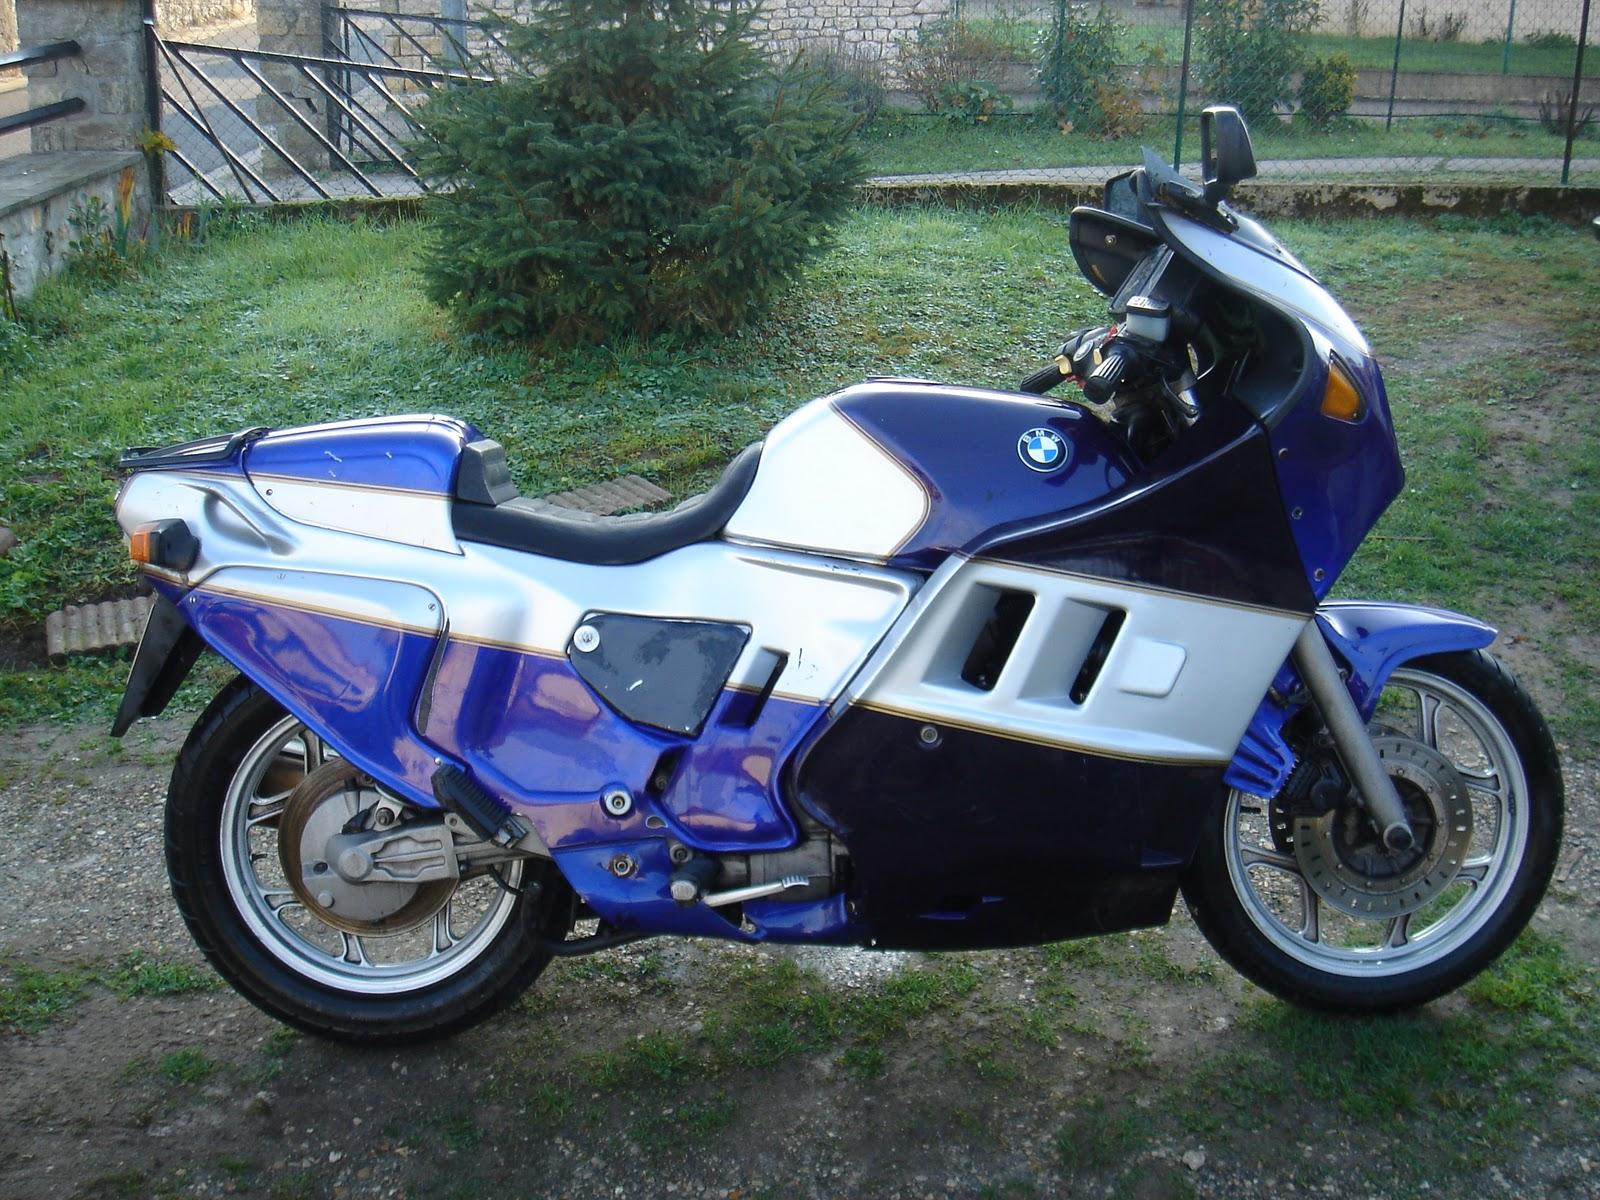 motos sport v nements et le dark dog moto tour pr pa bmw k100rs pichler pour le ddmt 2012. Black Bedroom Furniture Sets. Home Design Ideas